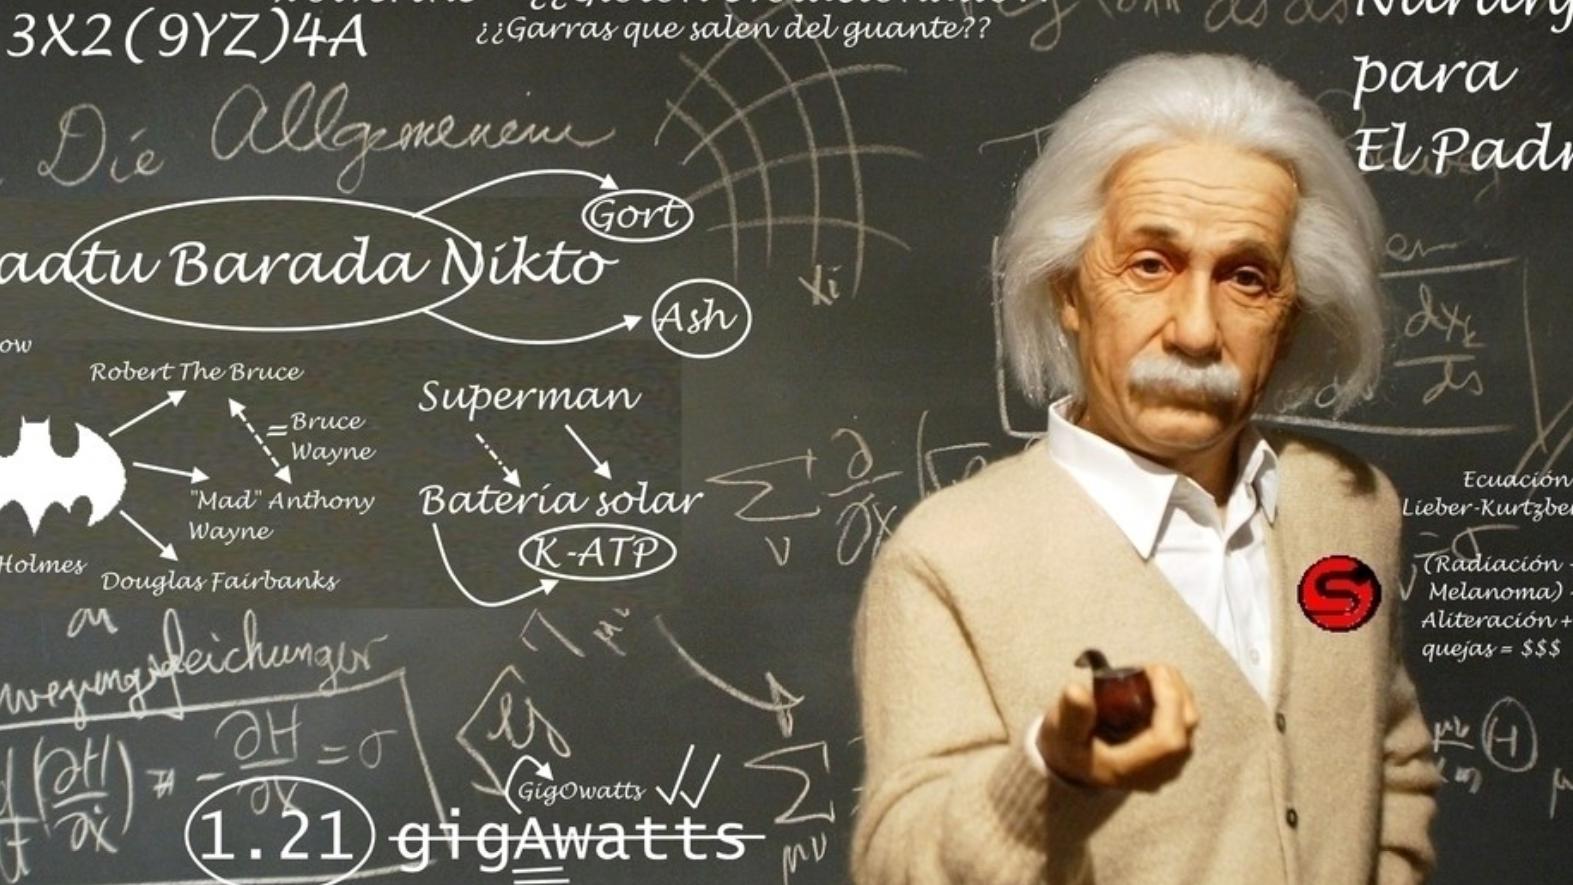 相对论为什么没有让爱因斯坦获诺贝尔物理奖?难道有什么问题吗?